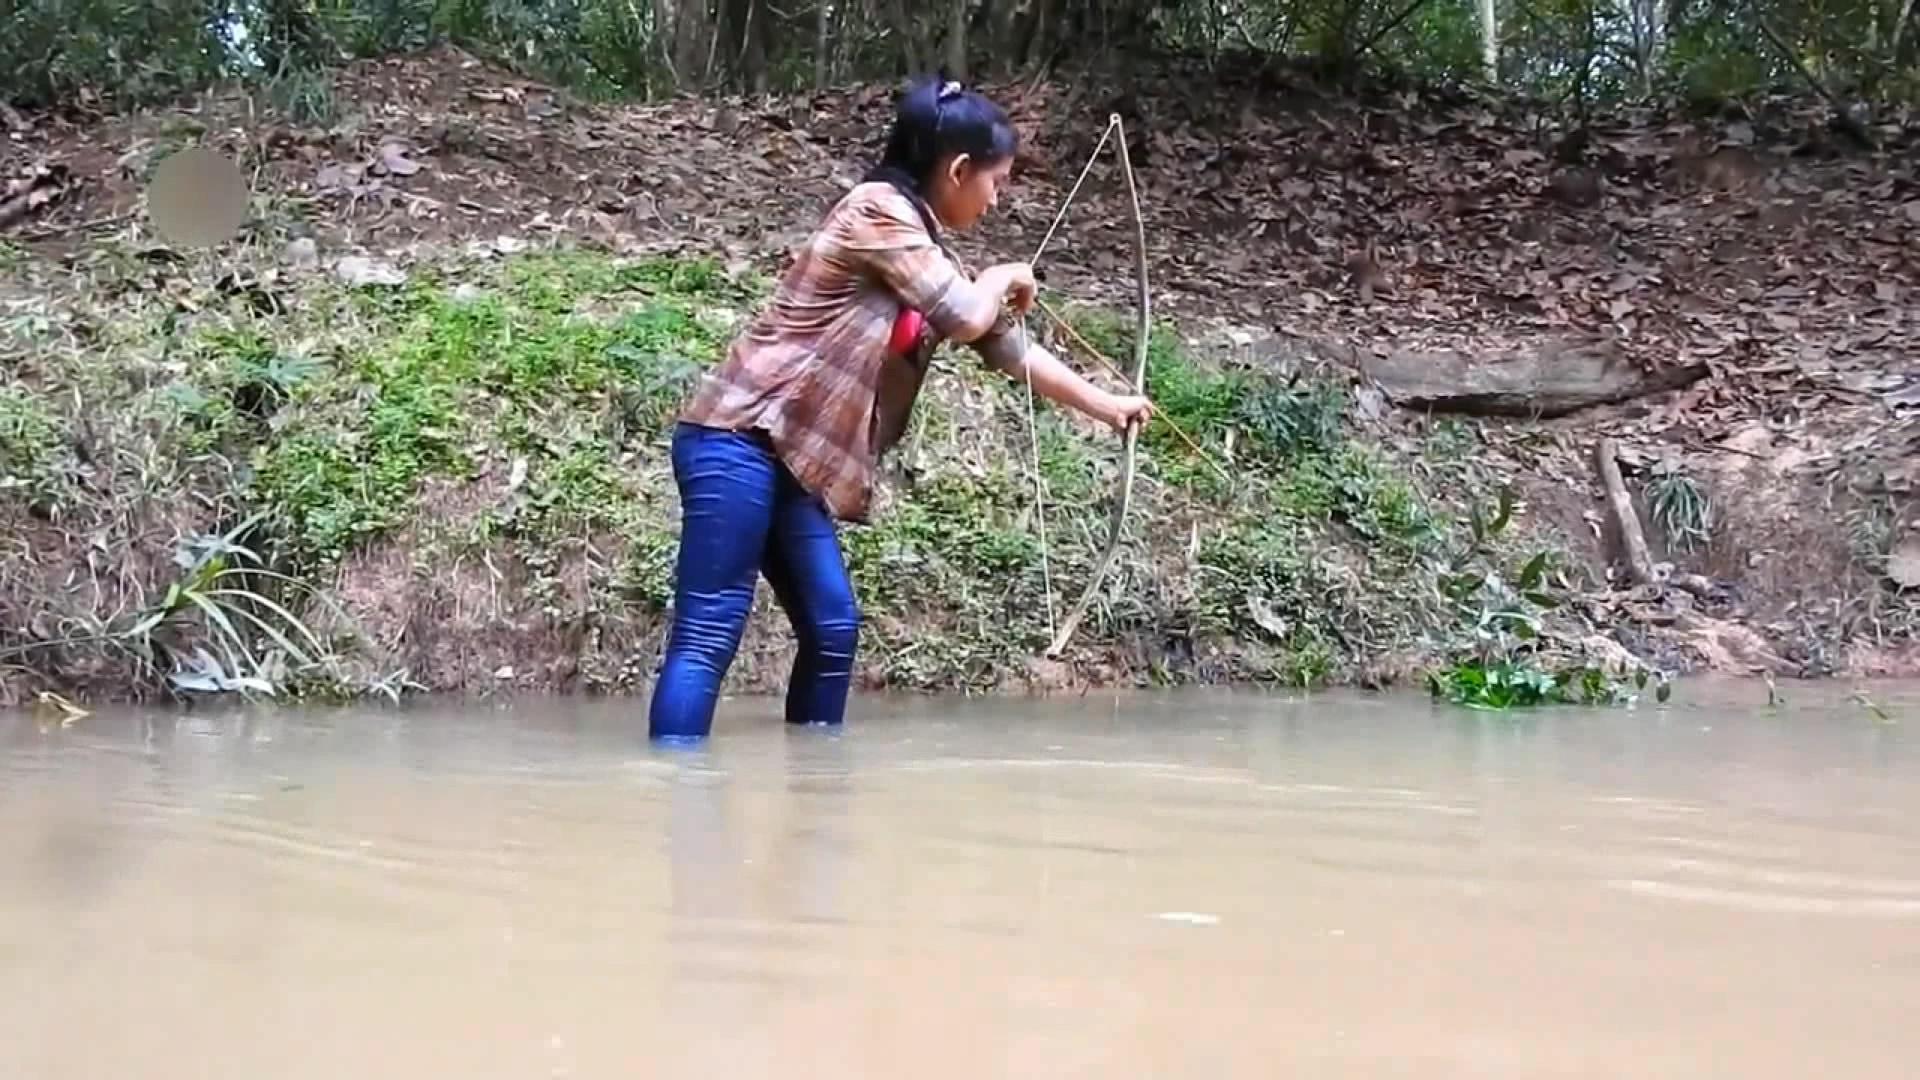 暹粒女子自制工具射鱼 原始技术竹弓箭射巨鱼